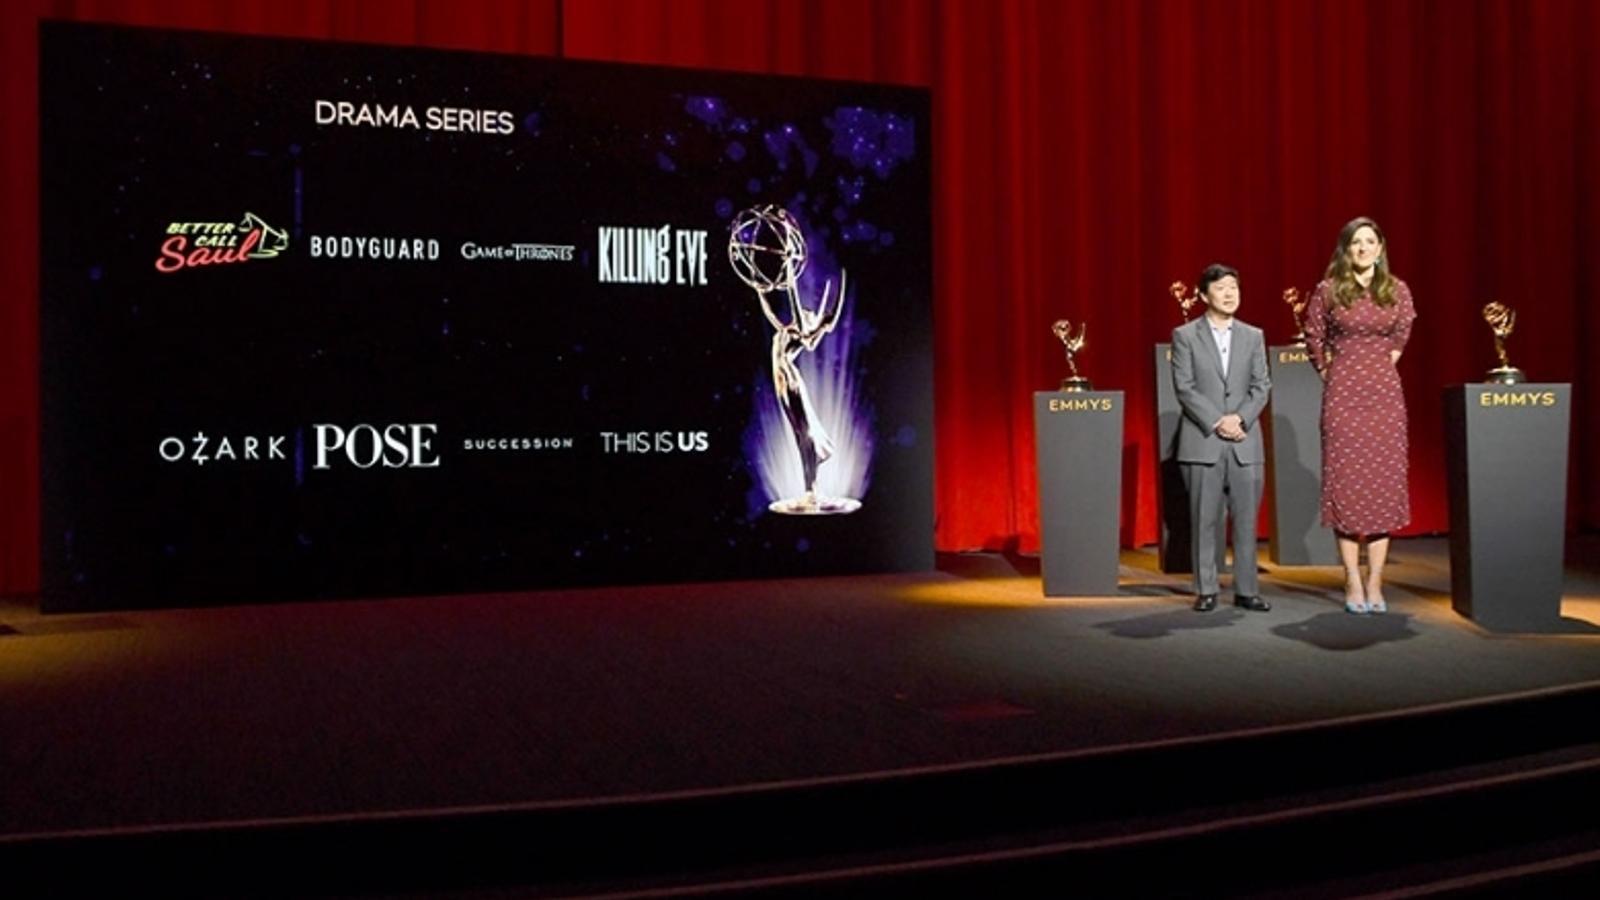 La cerimònia dels Emmy 2019 no tindrà presentador